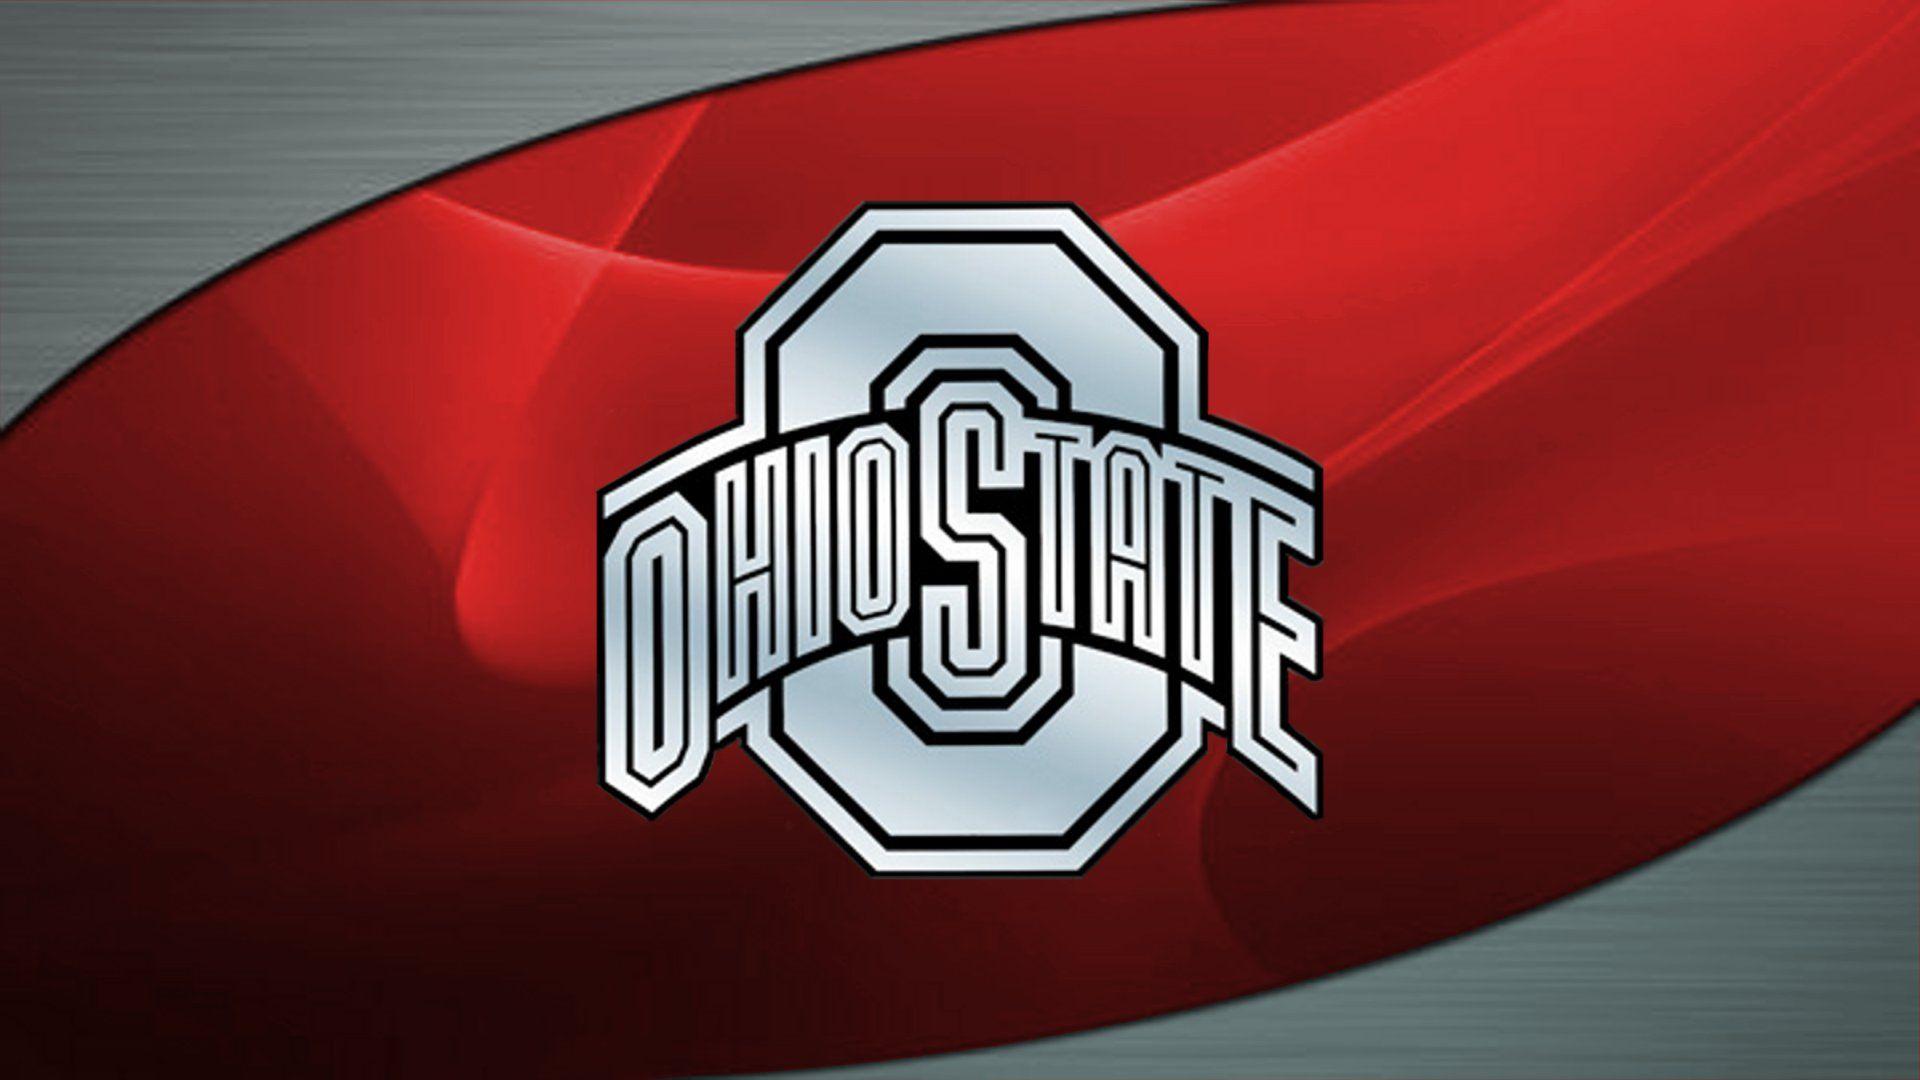 Ohio State Logo Wallpaper: Ohio State Football Logo